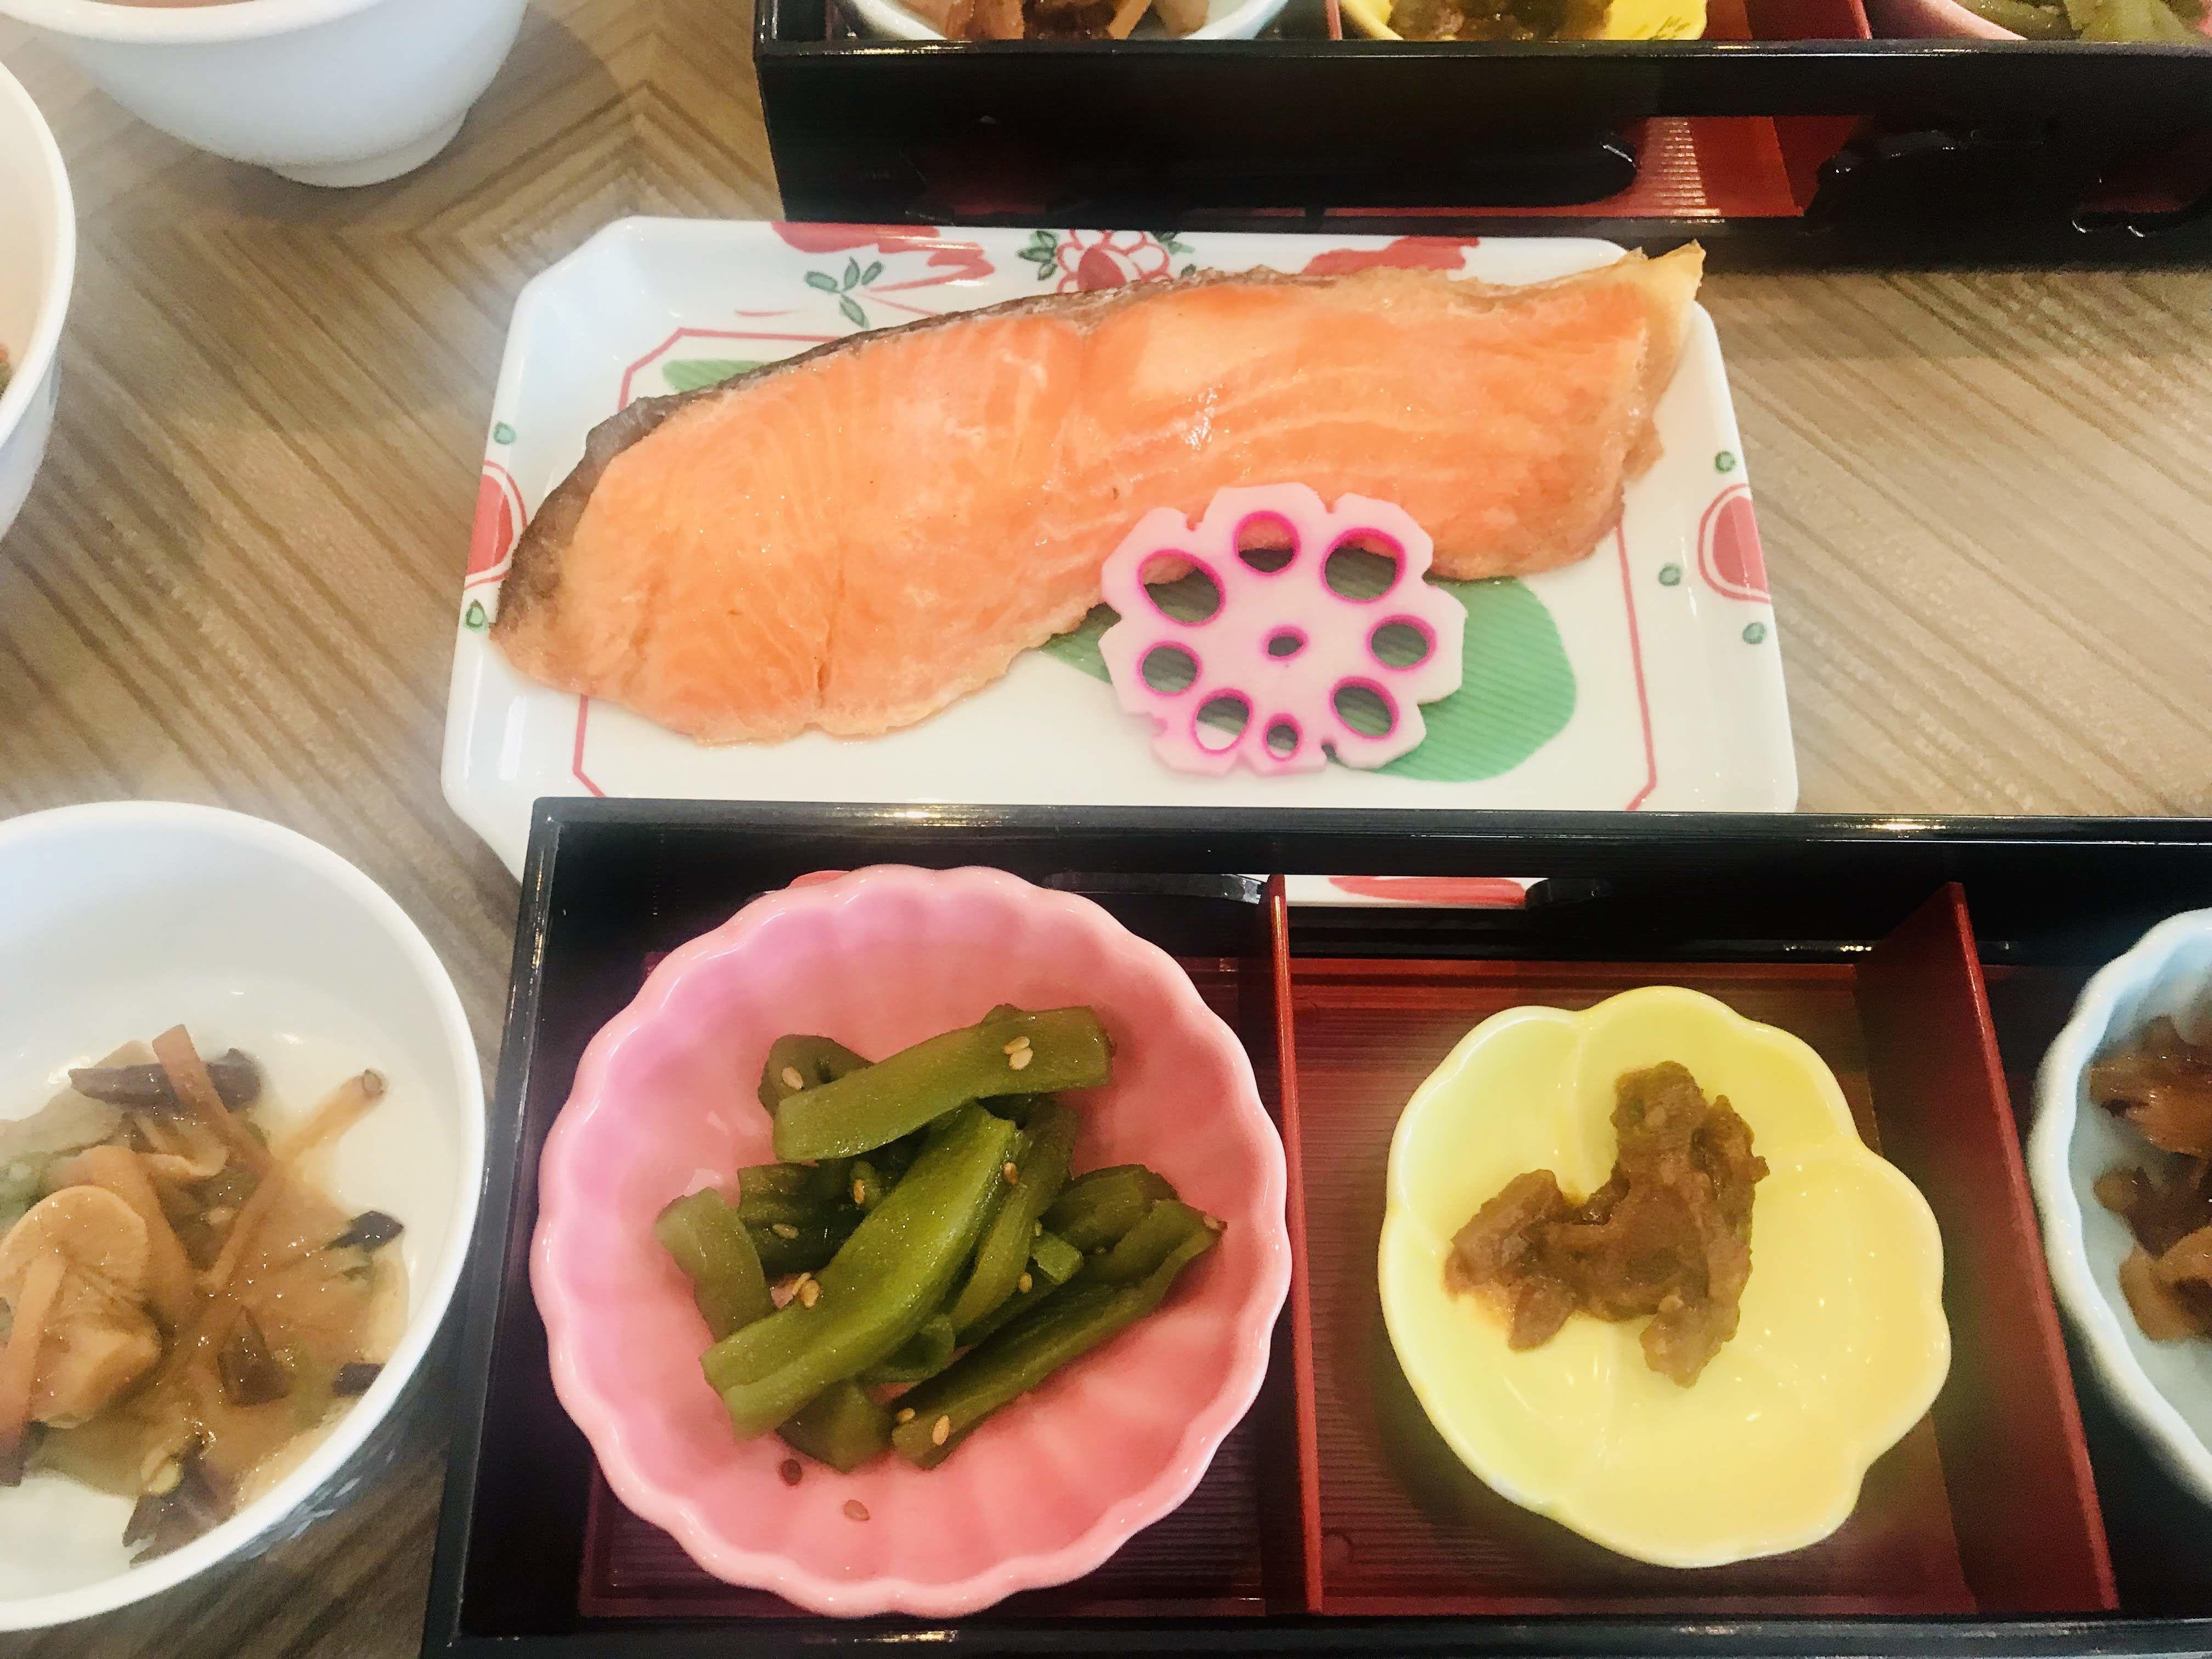 รีวิวเที่ยวอะคิตะ(Akita) นอนแบบเรียวกัง น้ำผึ้งญี่ปุ่น